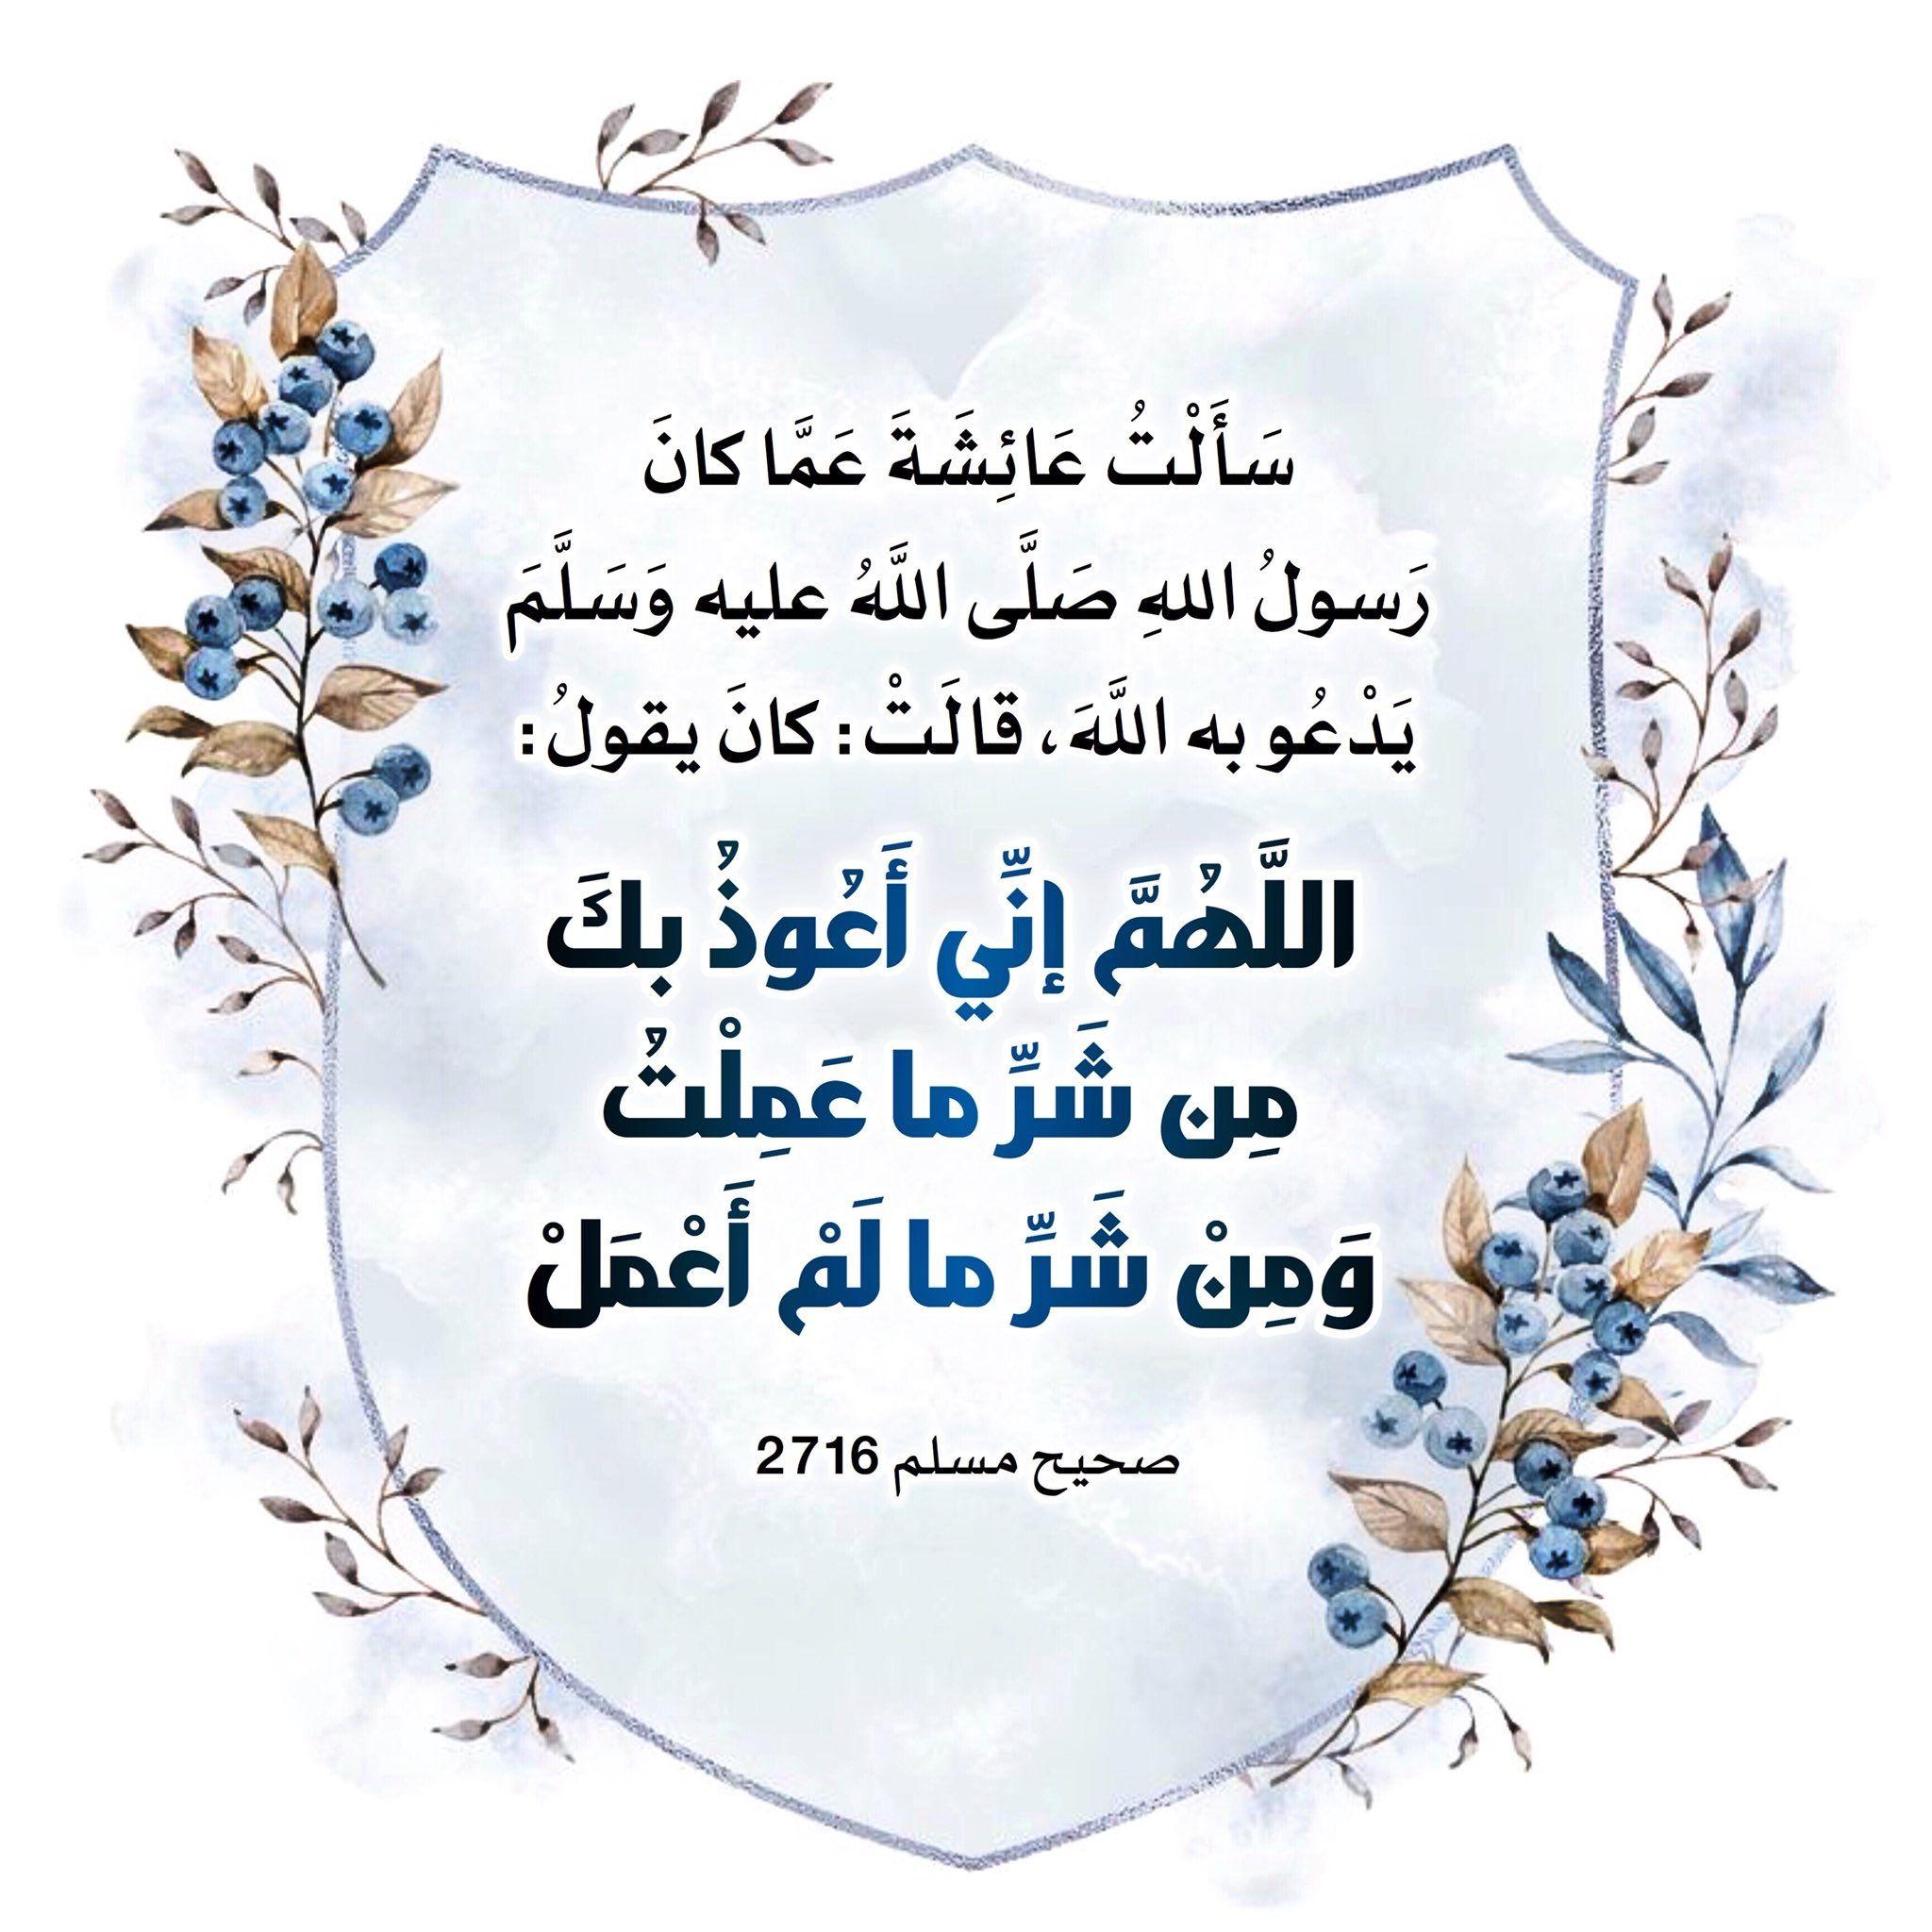 من أدعية النبي صلى الله عليه وسلم Islamic Quotes Quran Islam Facts Hadith Sharif